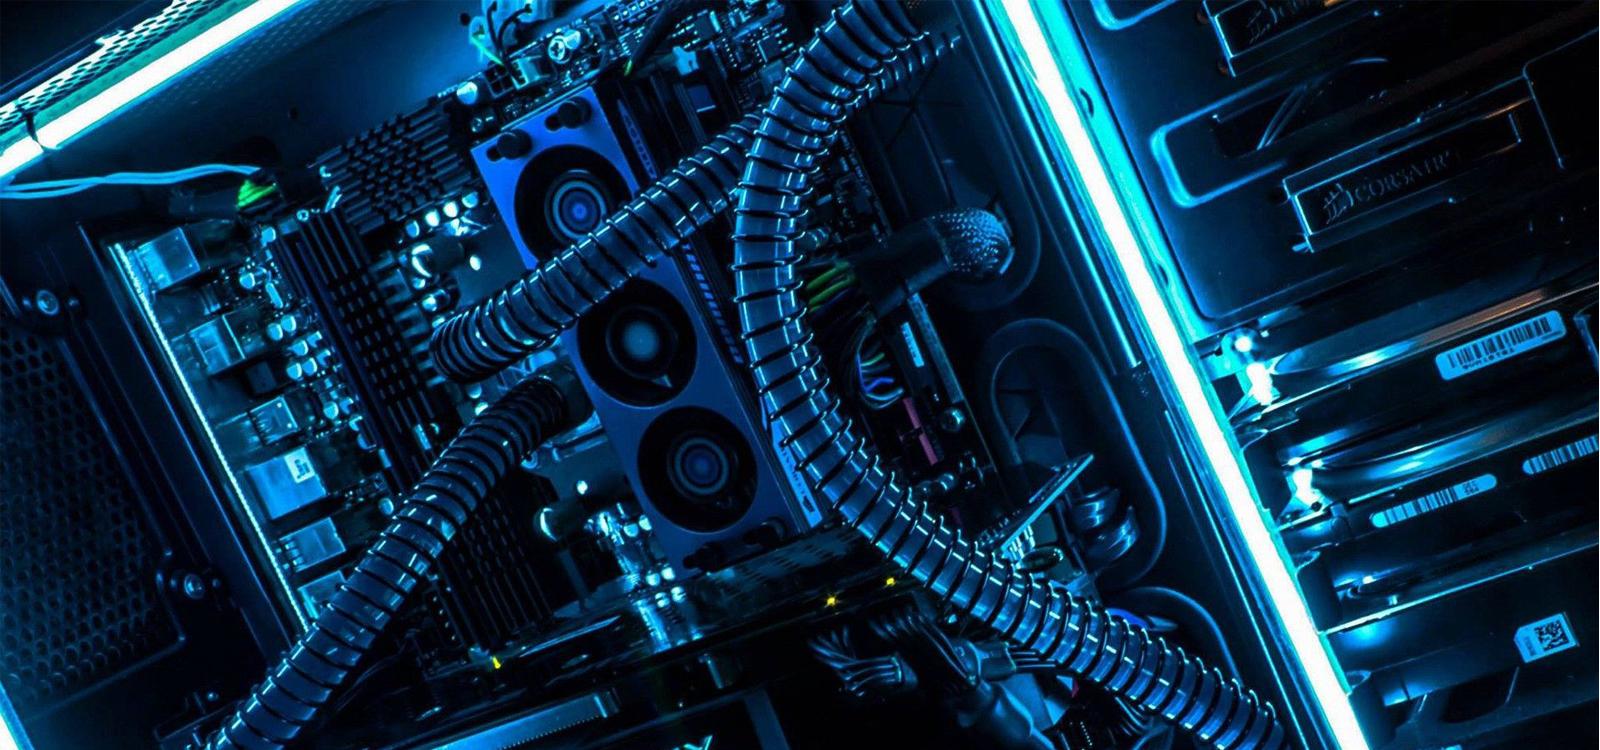 Computerreparatur-Service bei deinem Pc-Spezialisten